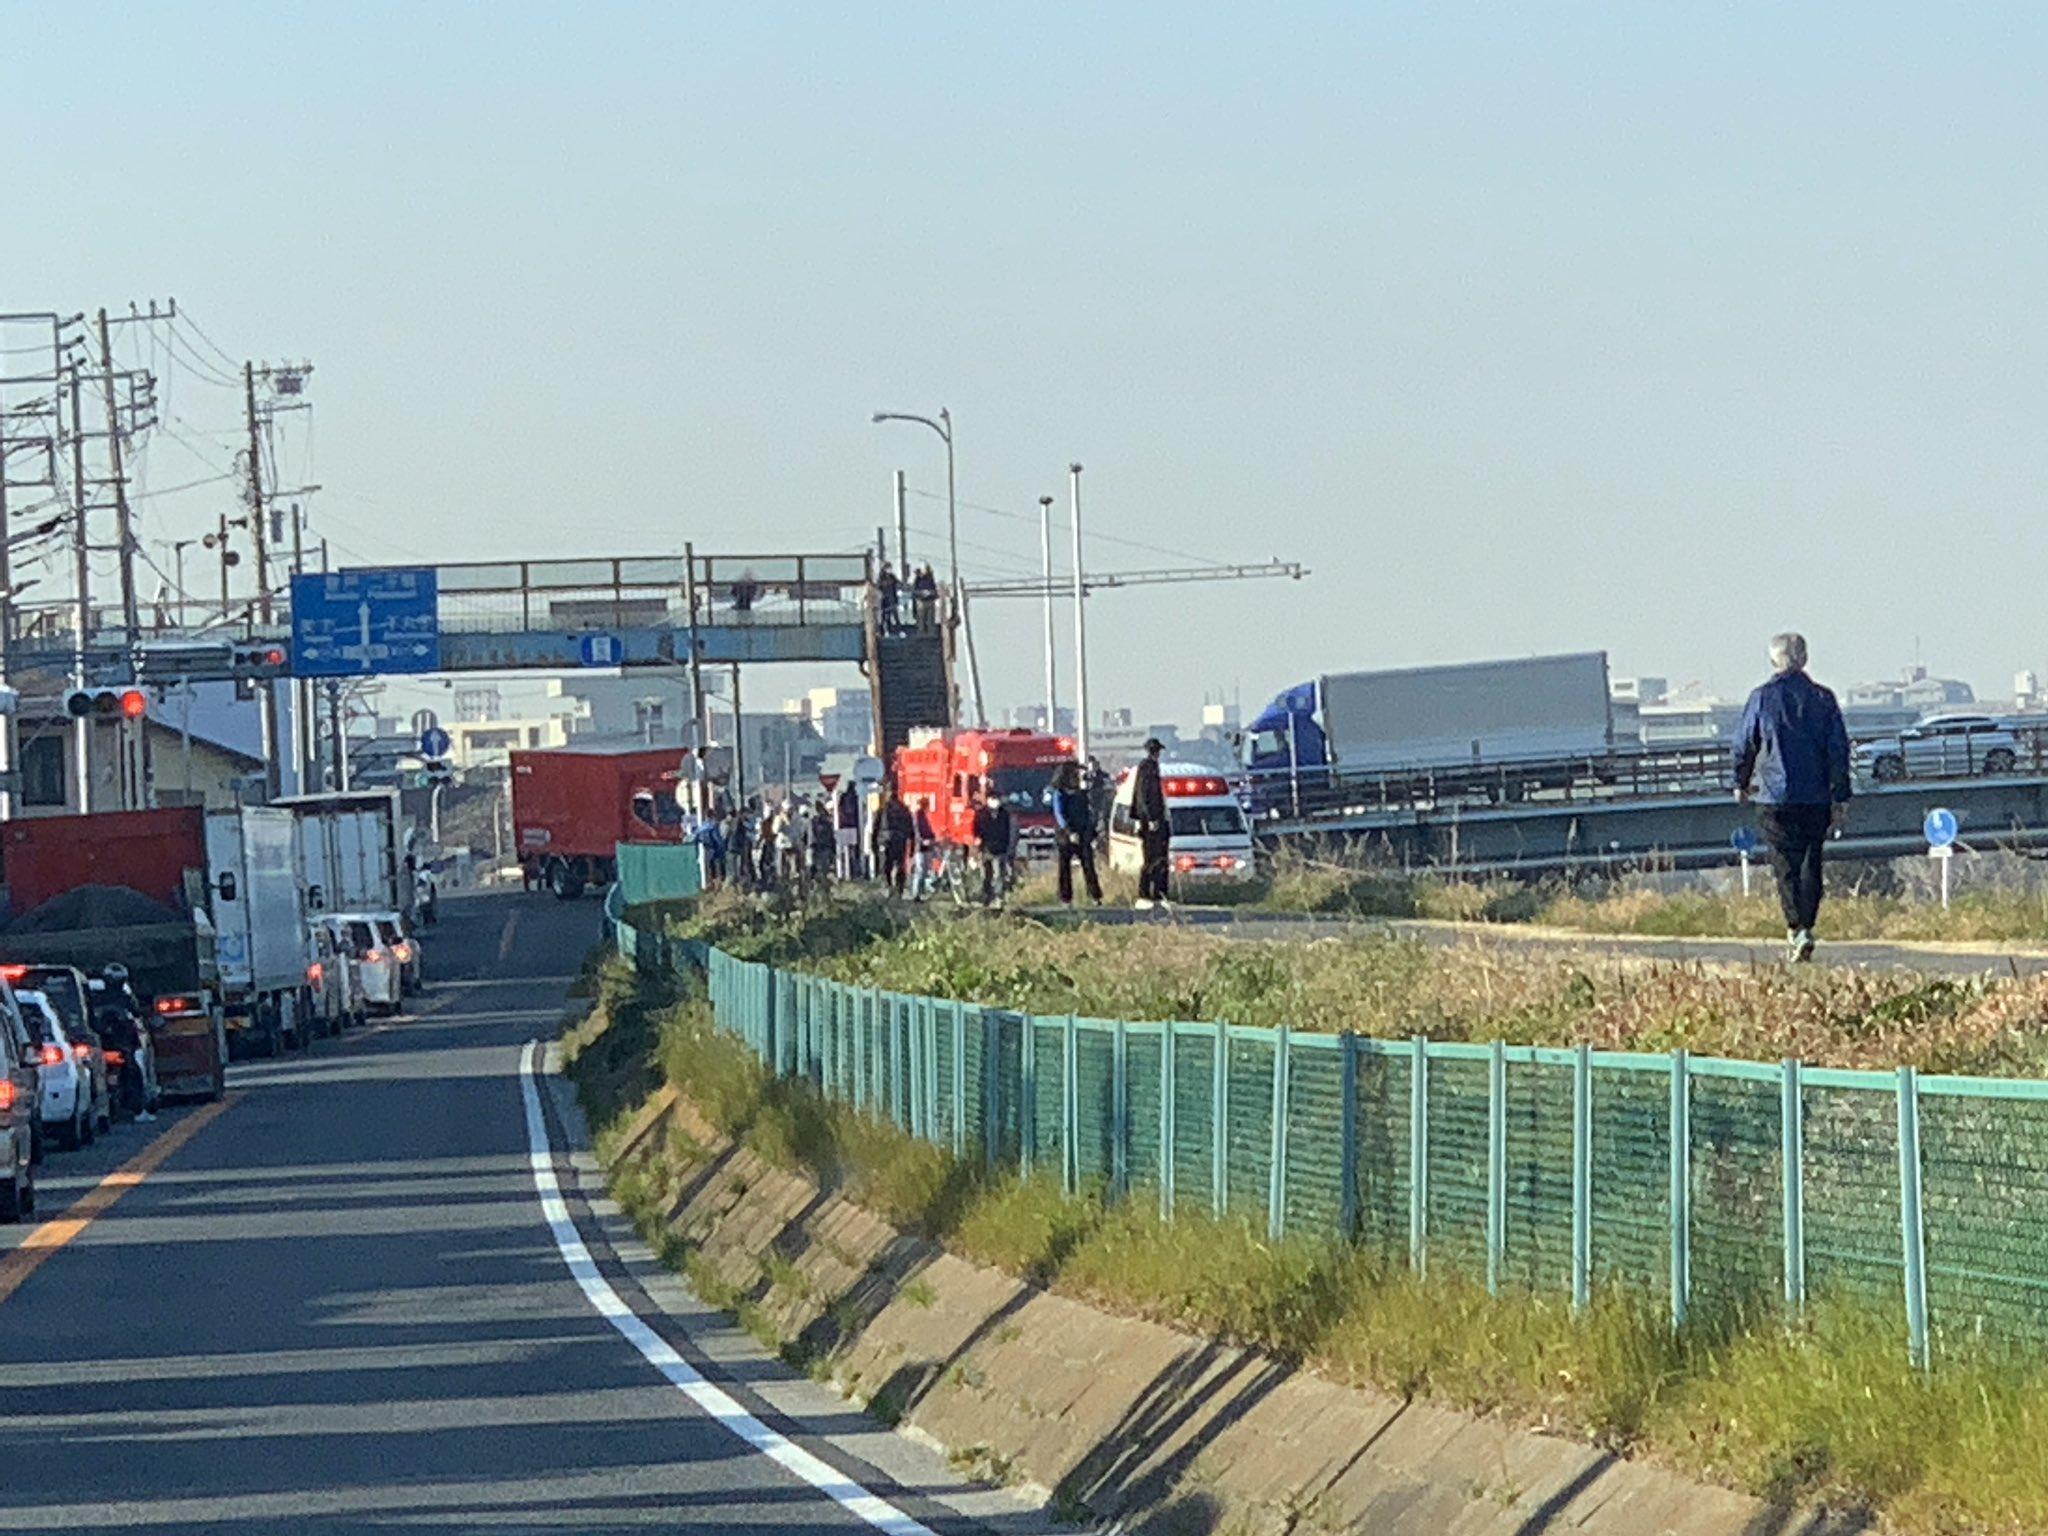 大田区のガス橋で飛び降り自殺があった現場の画像